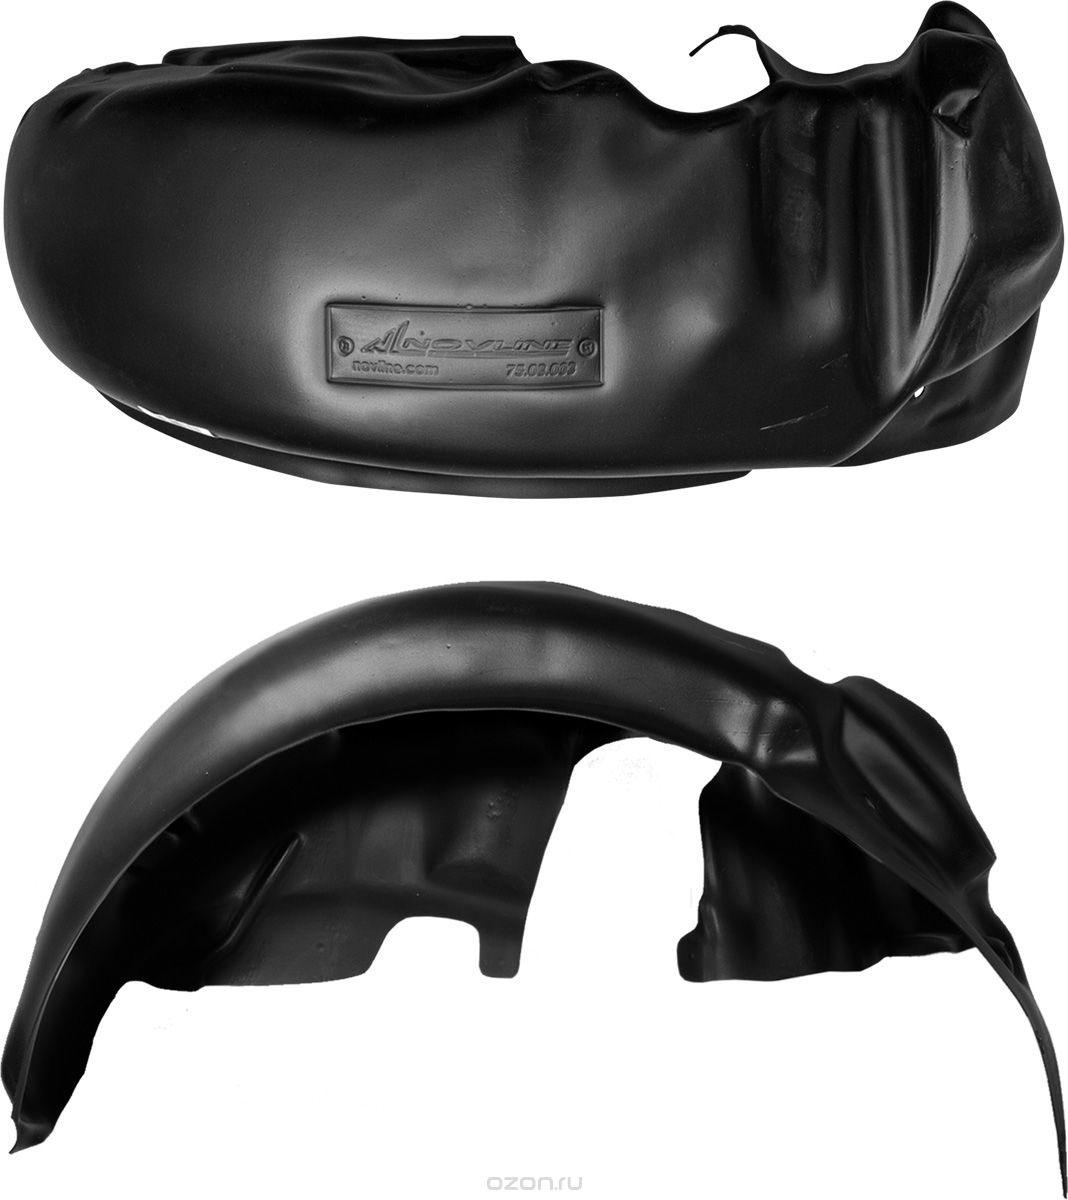 Подкрылок Novline-Autofamily, для HYUNDAI i30, 2012->, задний левый000414Идеальная защита колесной ниши. Локеры разработаны с применением цифровых технологий, гарантируют максимальную повторяемость поверхности арки. Изделия устанавливаются без нарушения лакокрасочного покрытия автомобиля, каждый подкрылок комплектуется крепежом. Уважаемые клиенты, обращаем ваше внимание, что фотографии на подкрылки универсальные и не отражают реальную форму изделия. При этом само изделие идет точно под размер указанного автомобиля.